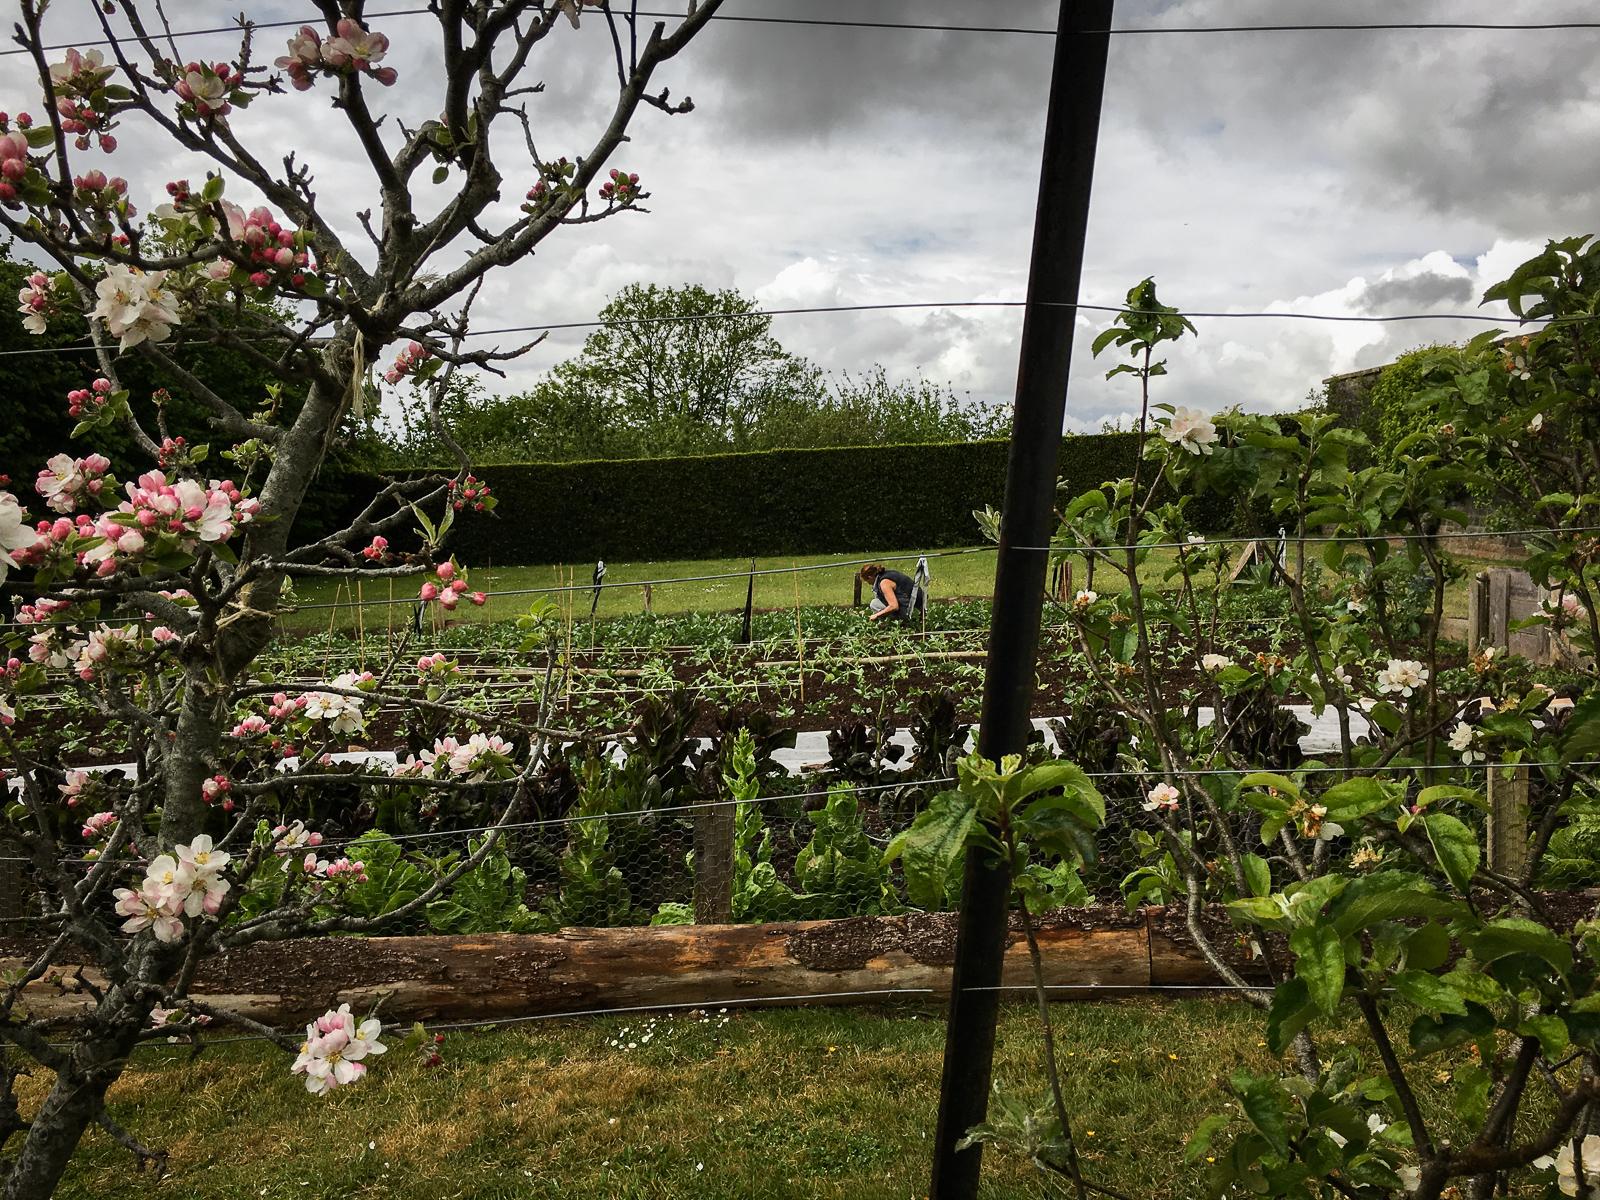 The Ethicurean Gardens